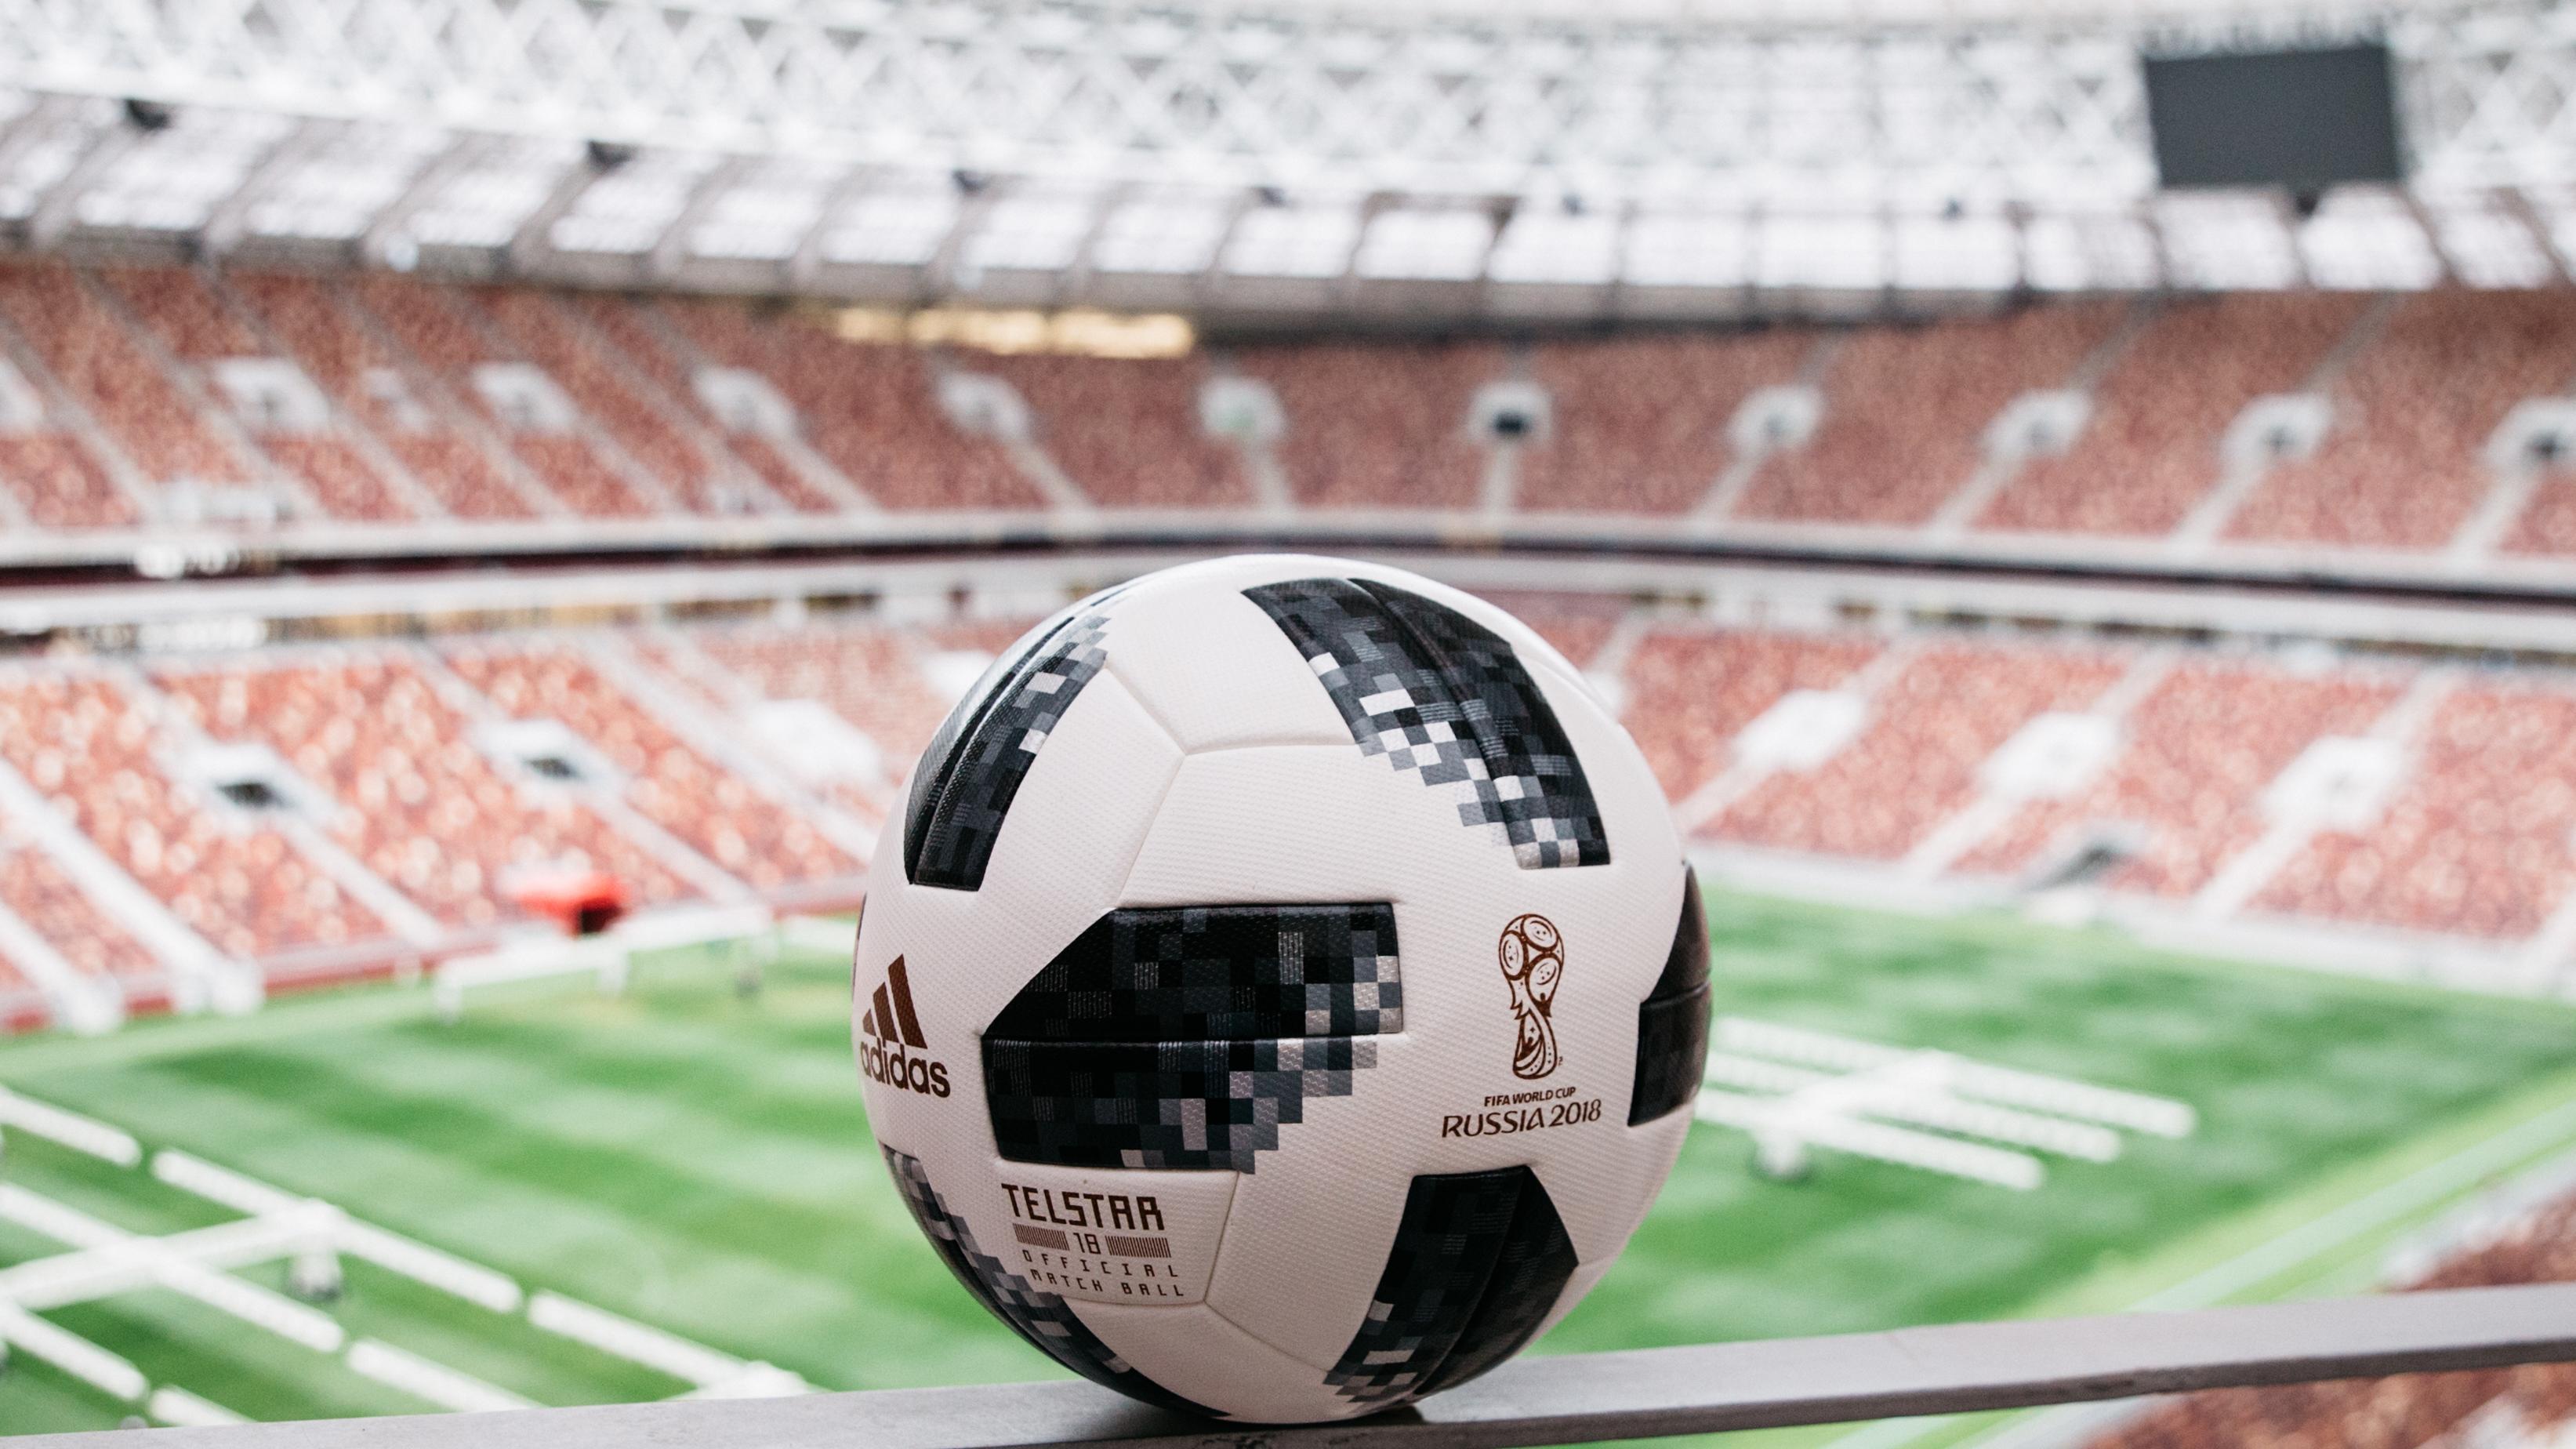 ca00225d271f MŚ 2018  piłka Telstar - oficjalna piłka na Mundial w Rosji - Mundial 2018